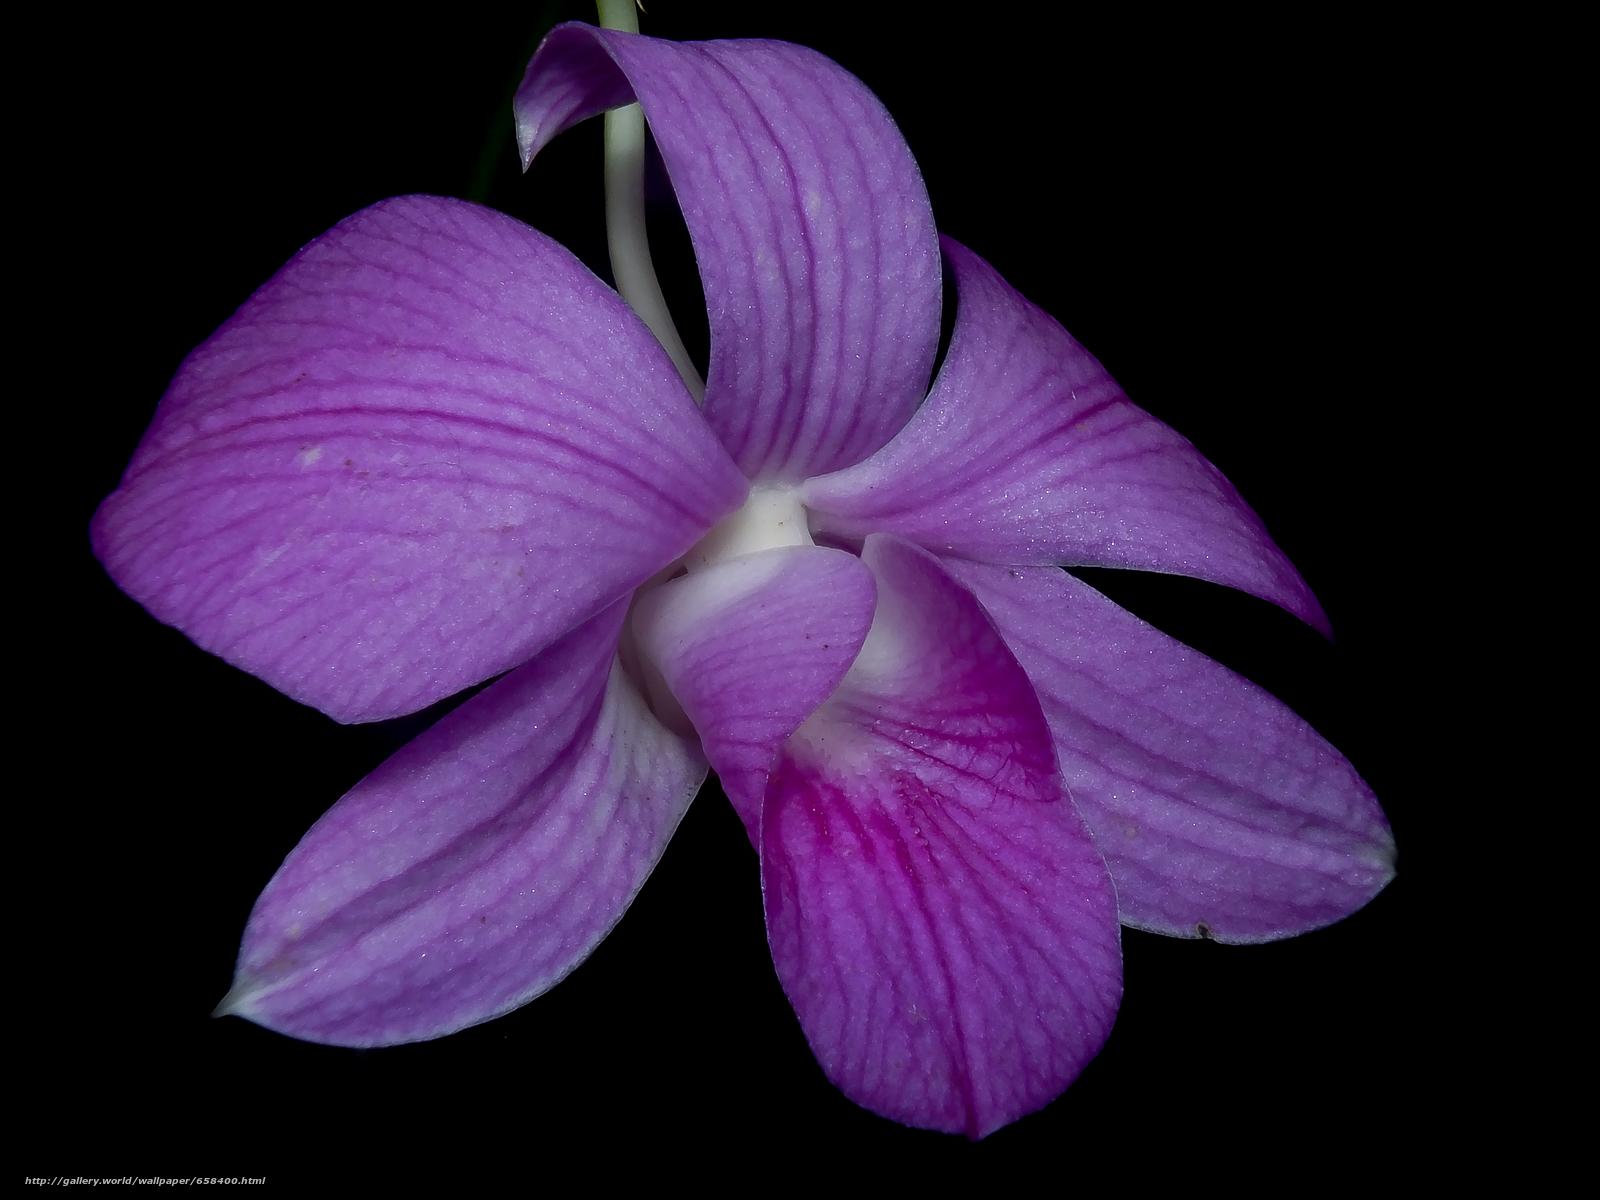 壁紙をダウンロード 花,  フラワーズ,  フローラ デスクトップの解像度のための無料壁紙 4608x3456 — 絵 №658400